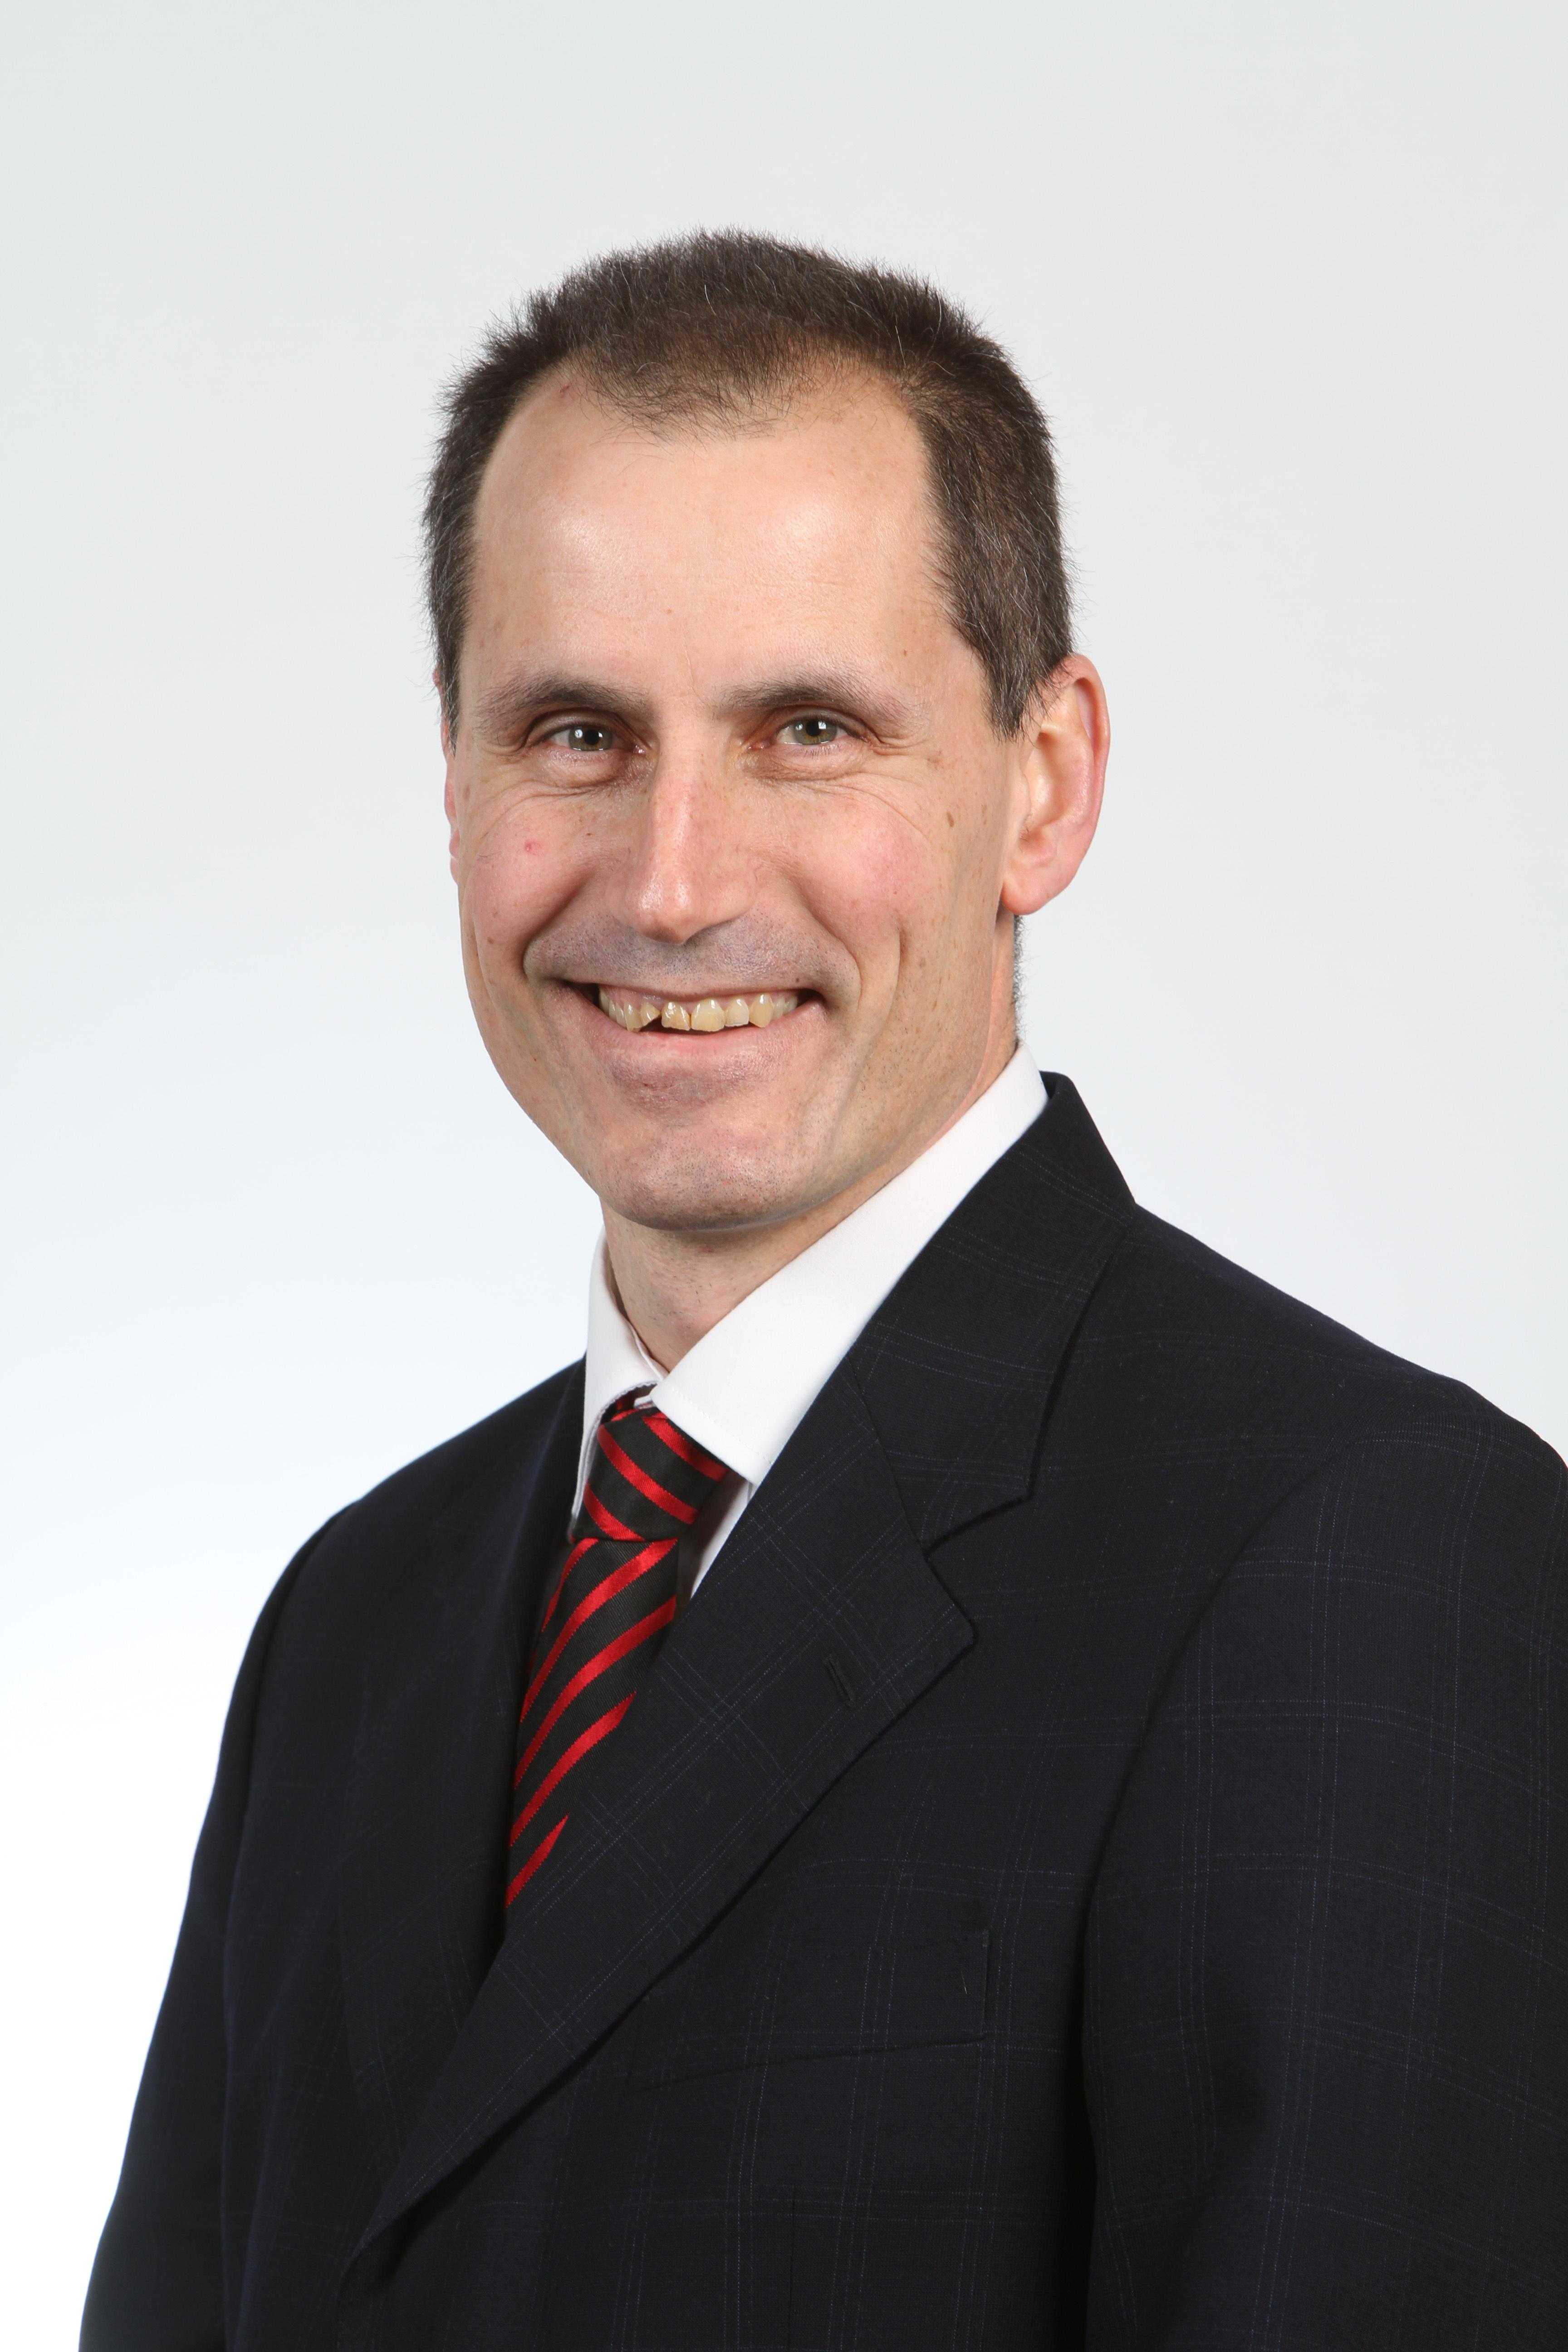 Sefton Central MP Bill Esterson